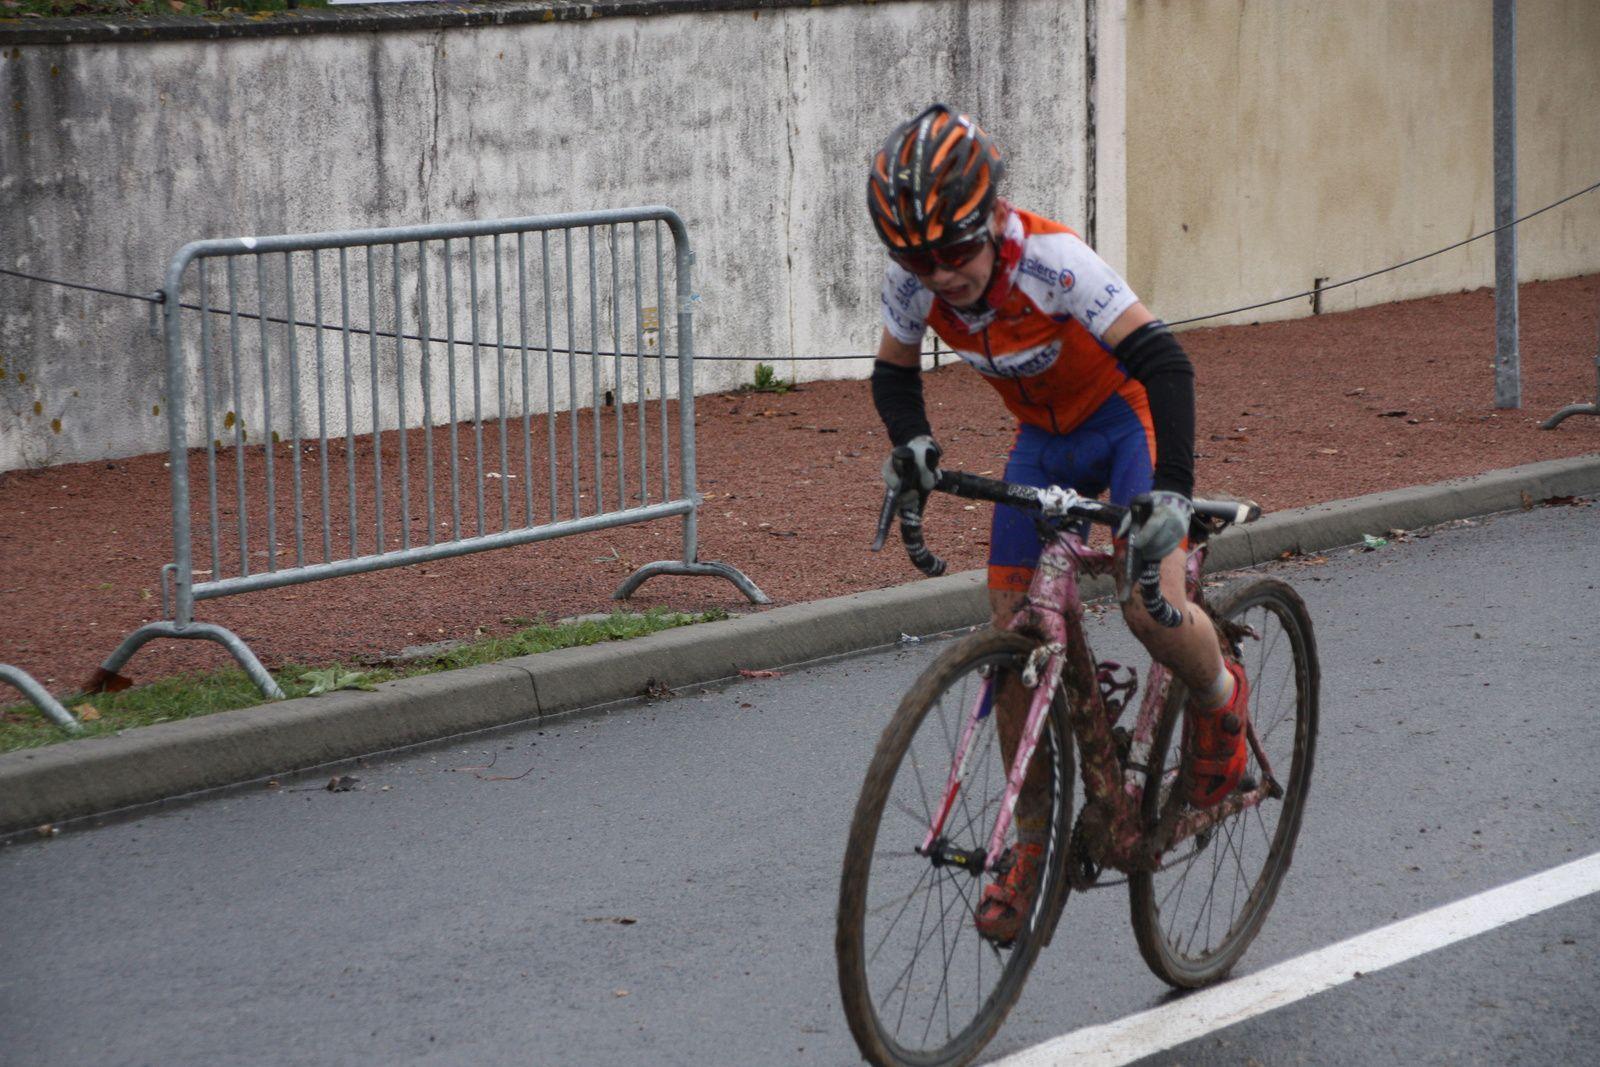 L'arrivée et  la victoire pour Clément  CHAVANEL(AC Chatellerault), 2e  Mattei  CACAULT(CC  Vervant), 3e  Marin  BERNARD(UA La Rochefoucault), 4e Elie  CRON(UVA), 5e  Louis CONOR(VC Rochefort), 6e  Cyprien  VAN WONTERGHEM(AC Macqueville 17)